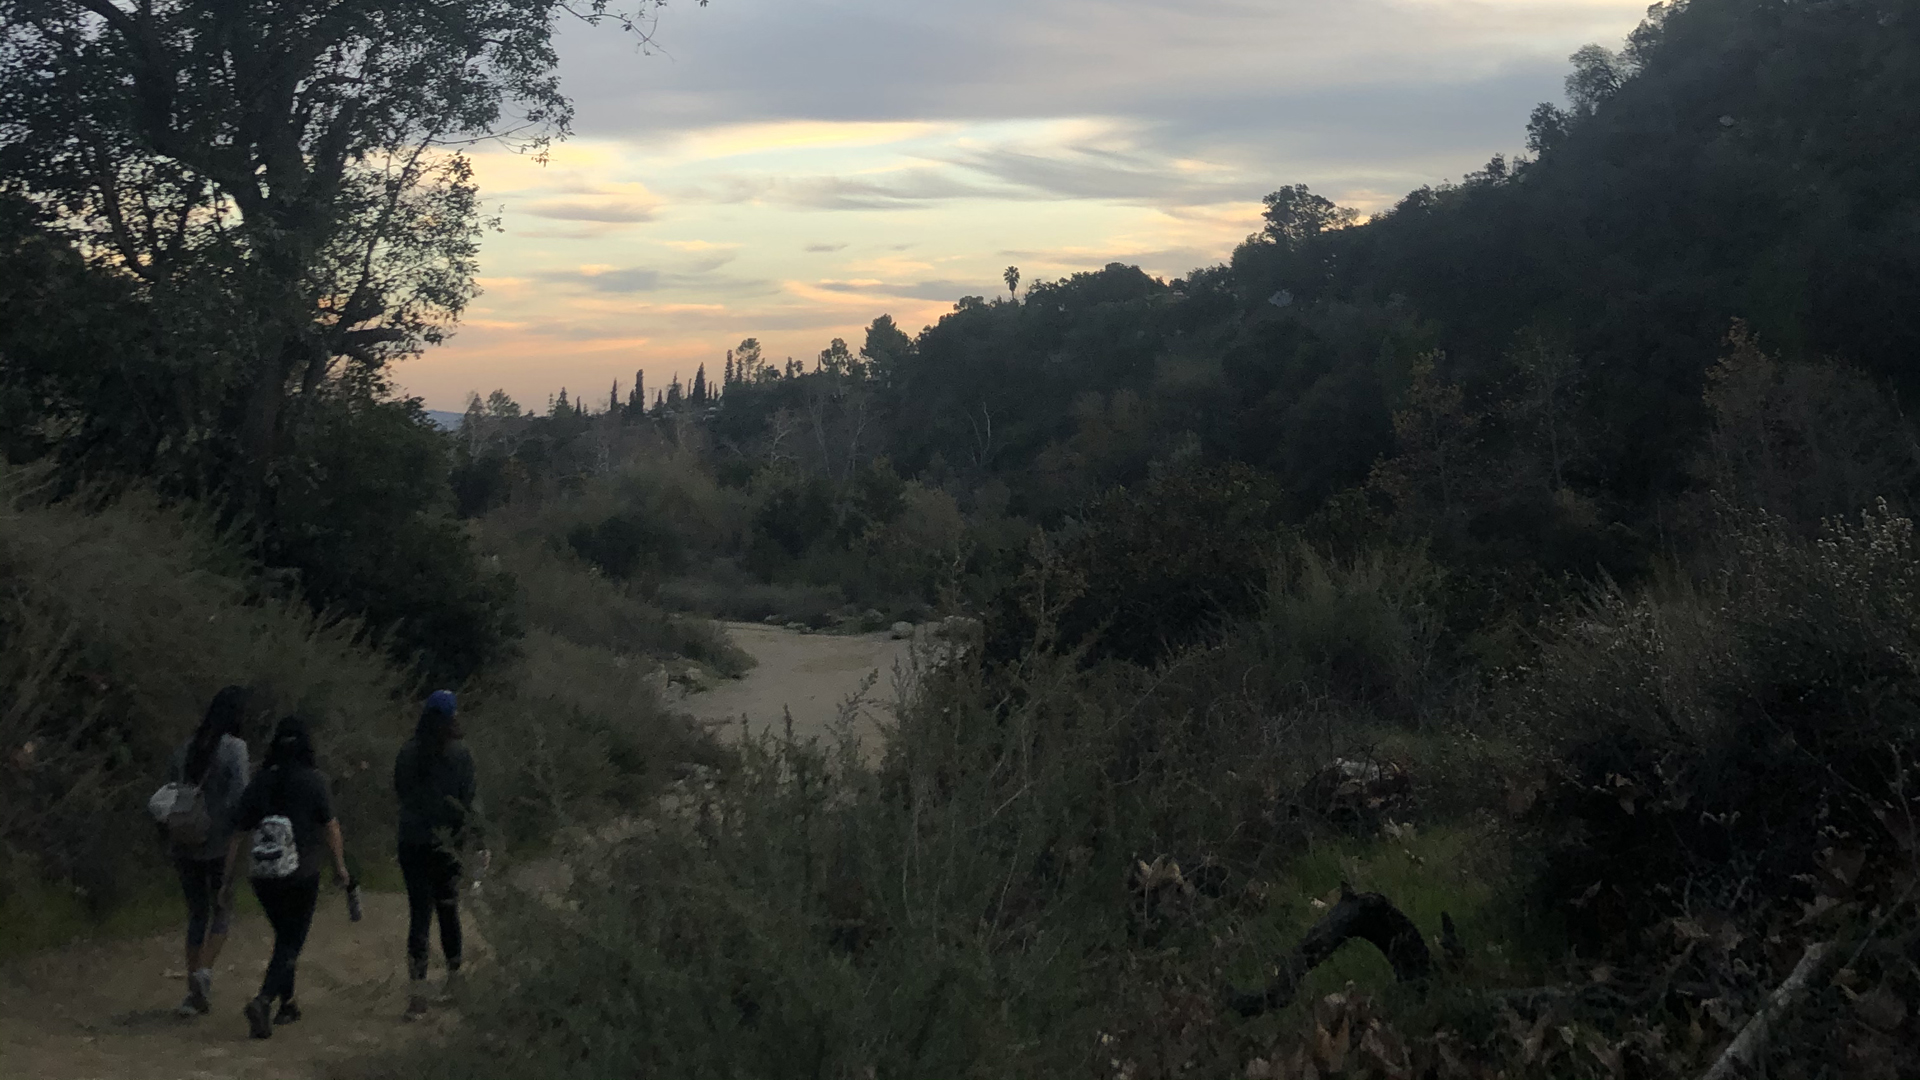 The Eaton Canyon Trail in Altadena is seen on Jan. 18, 2020. (KTLA)